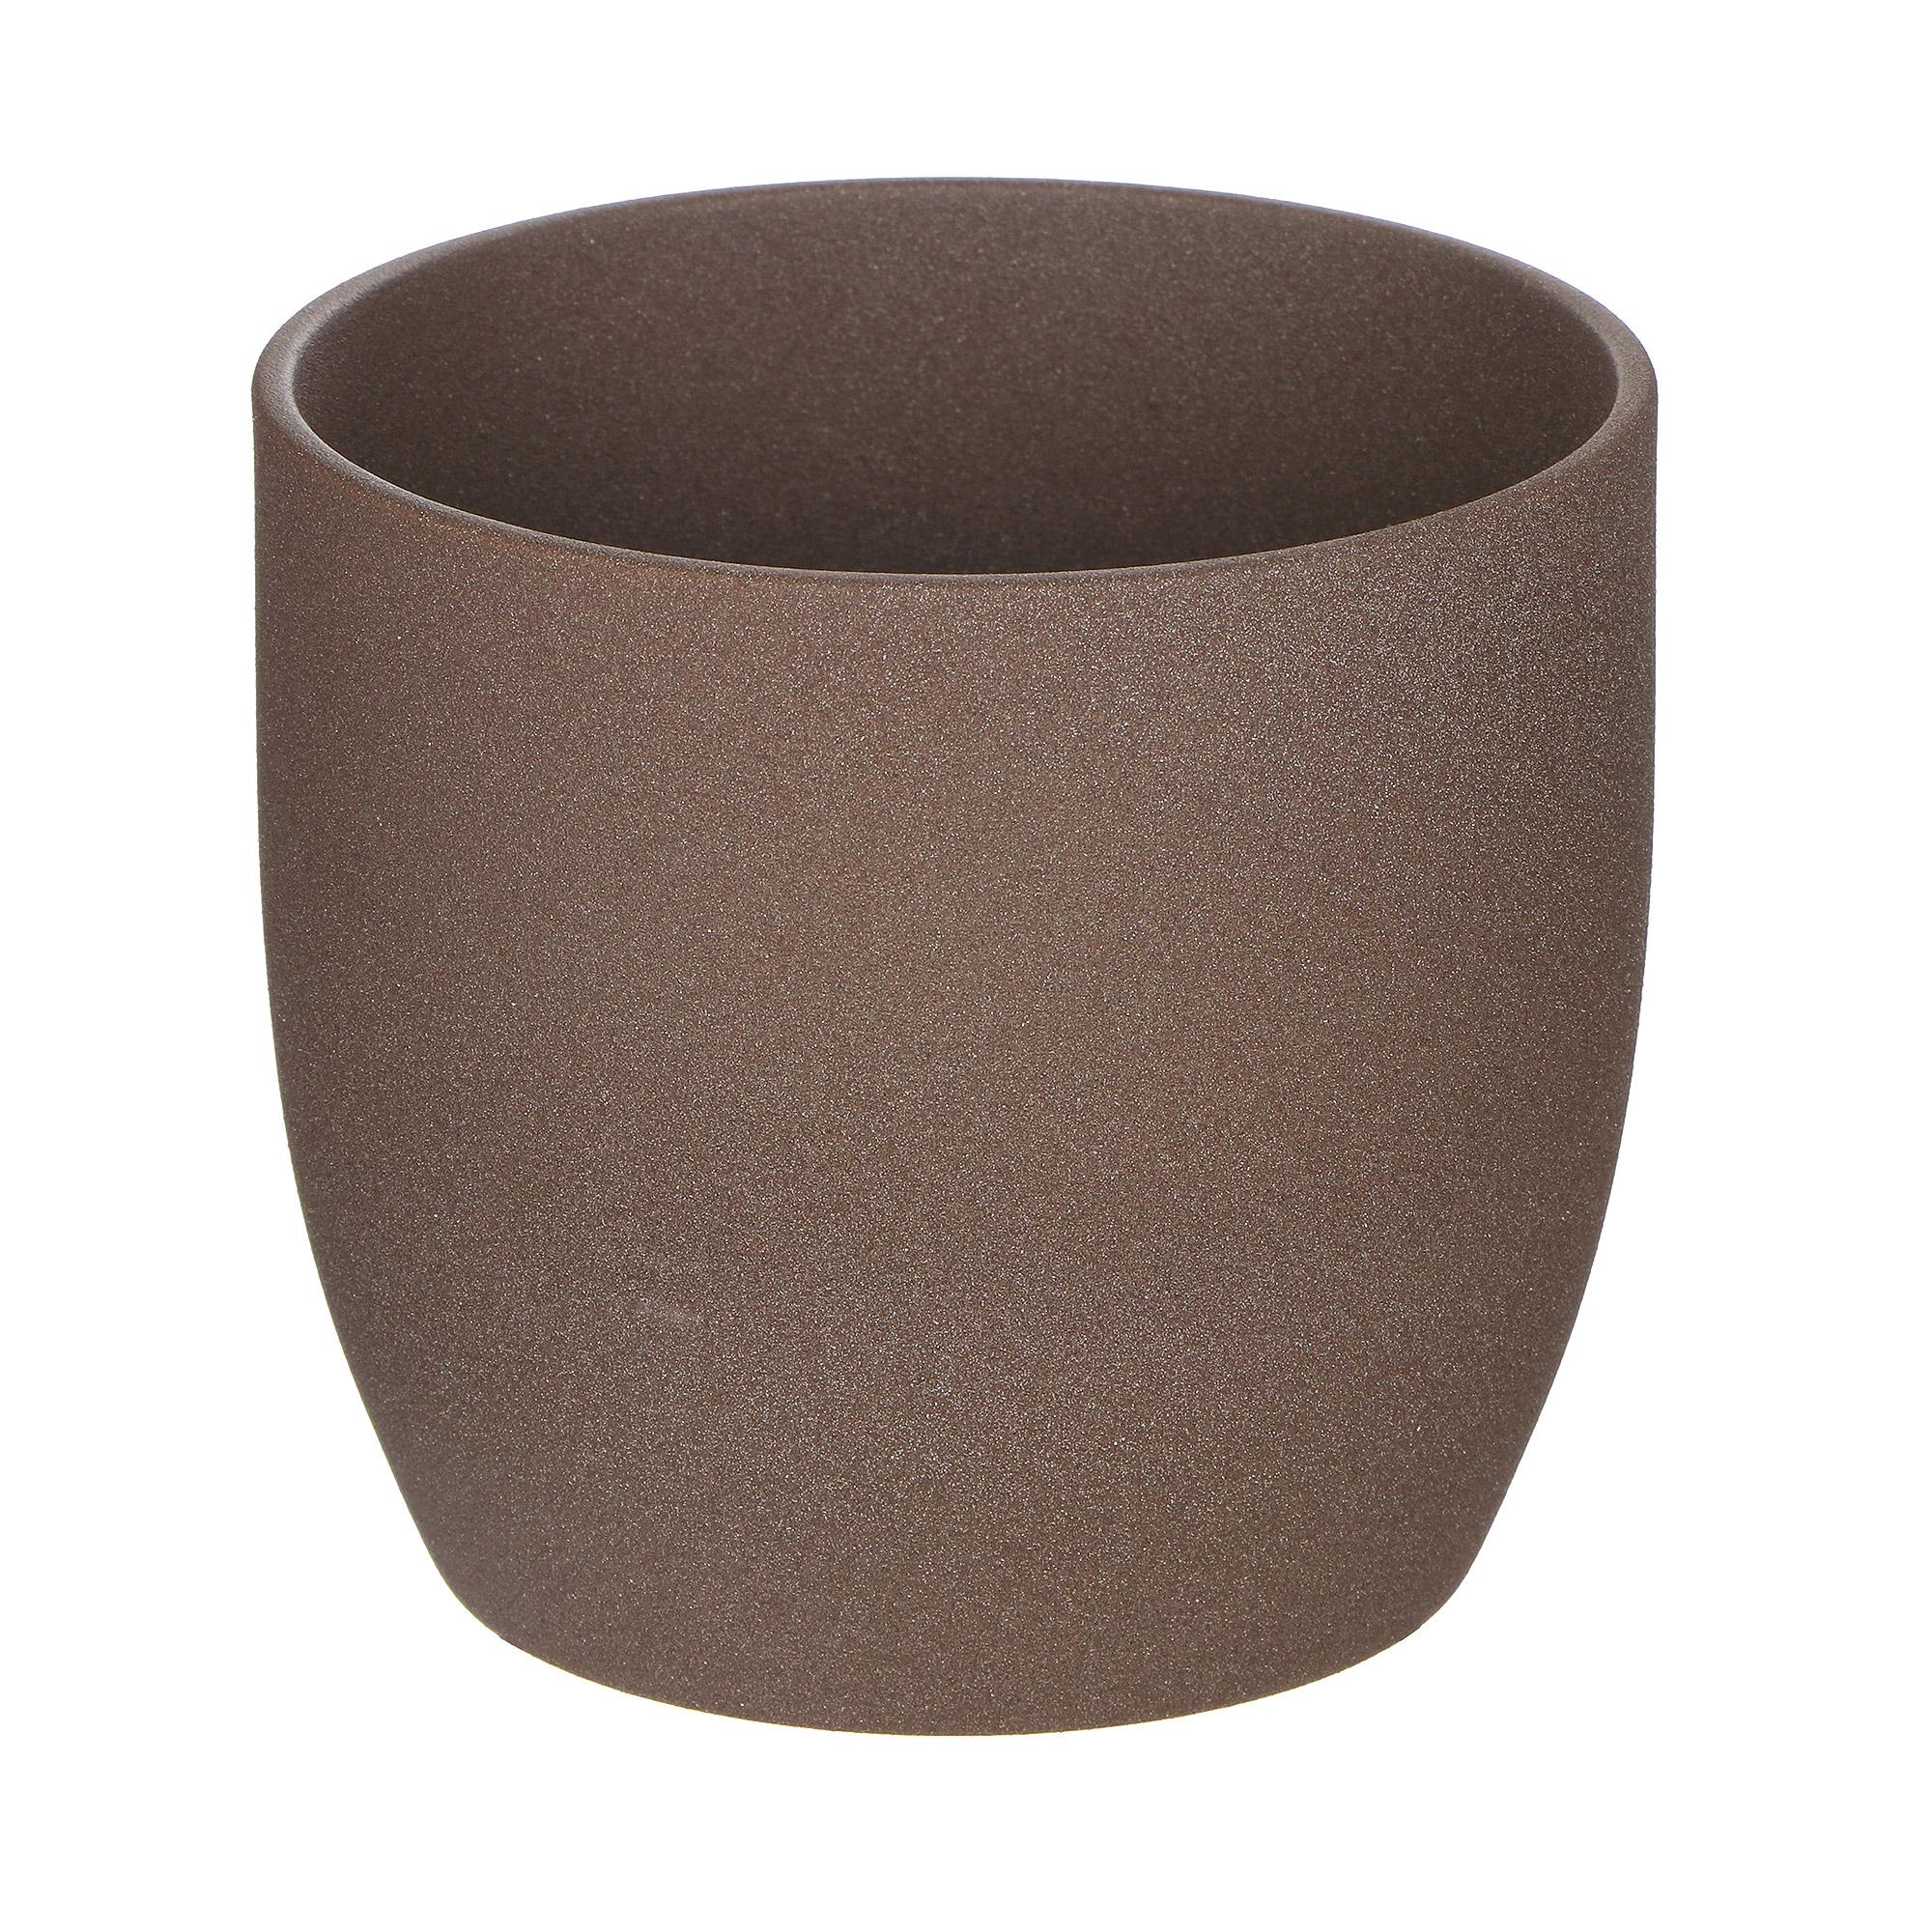 Кашпо Soendgen basel d12 коричневый недорого